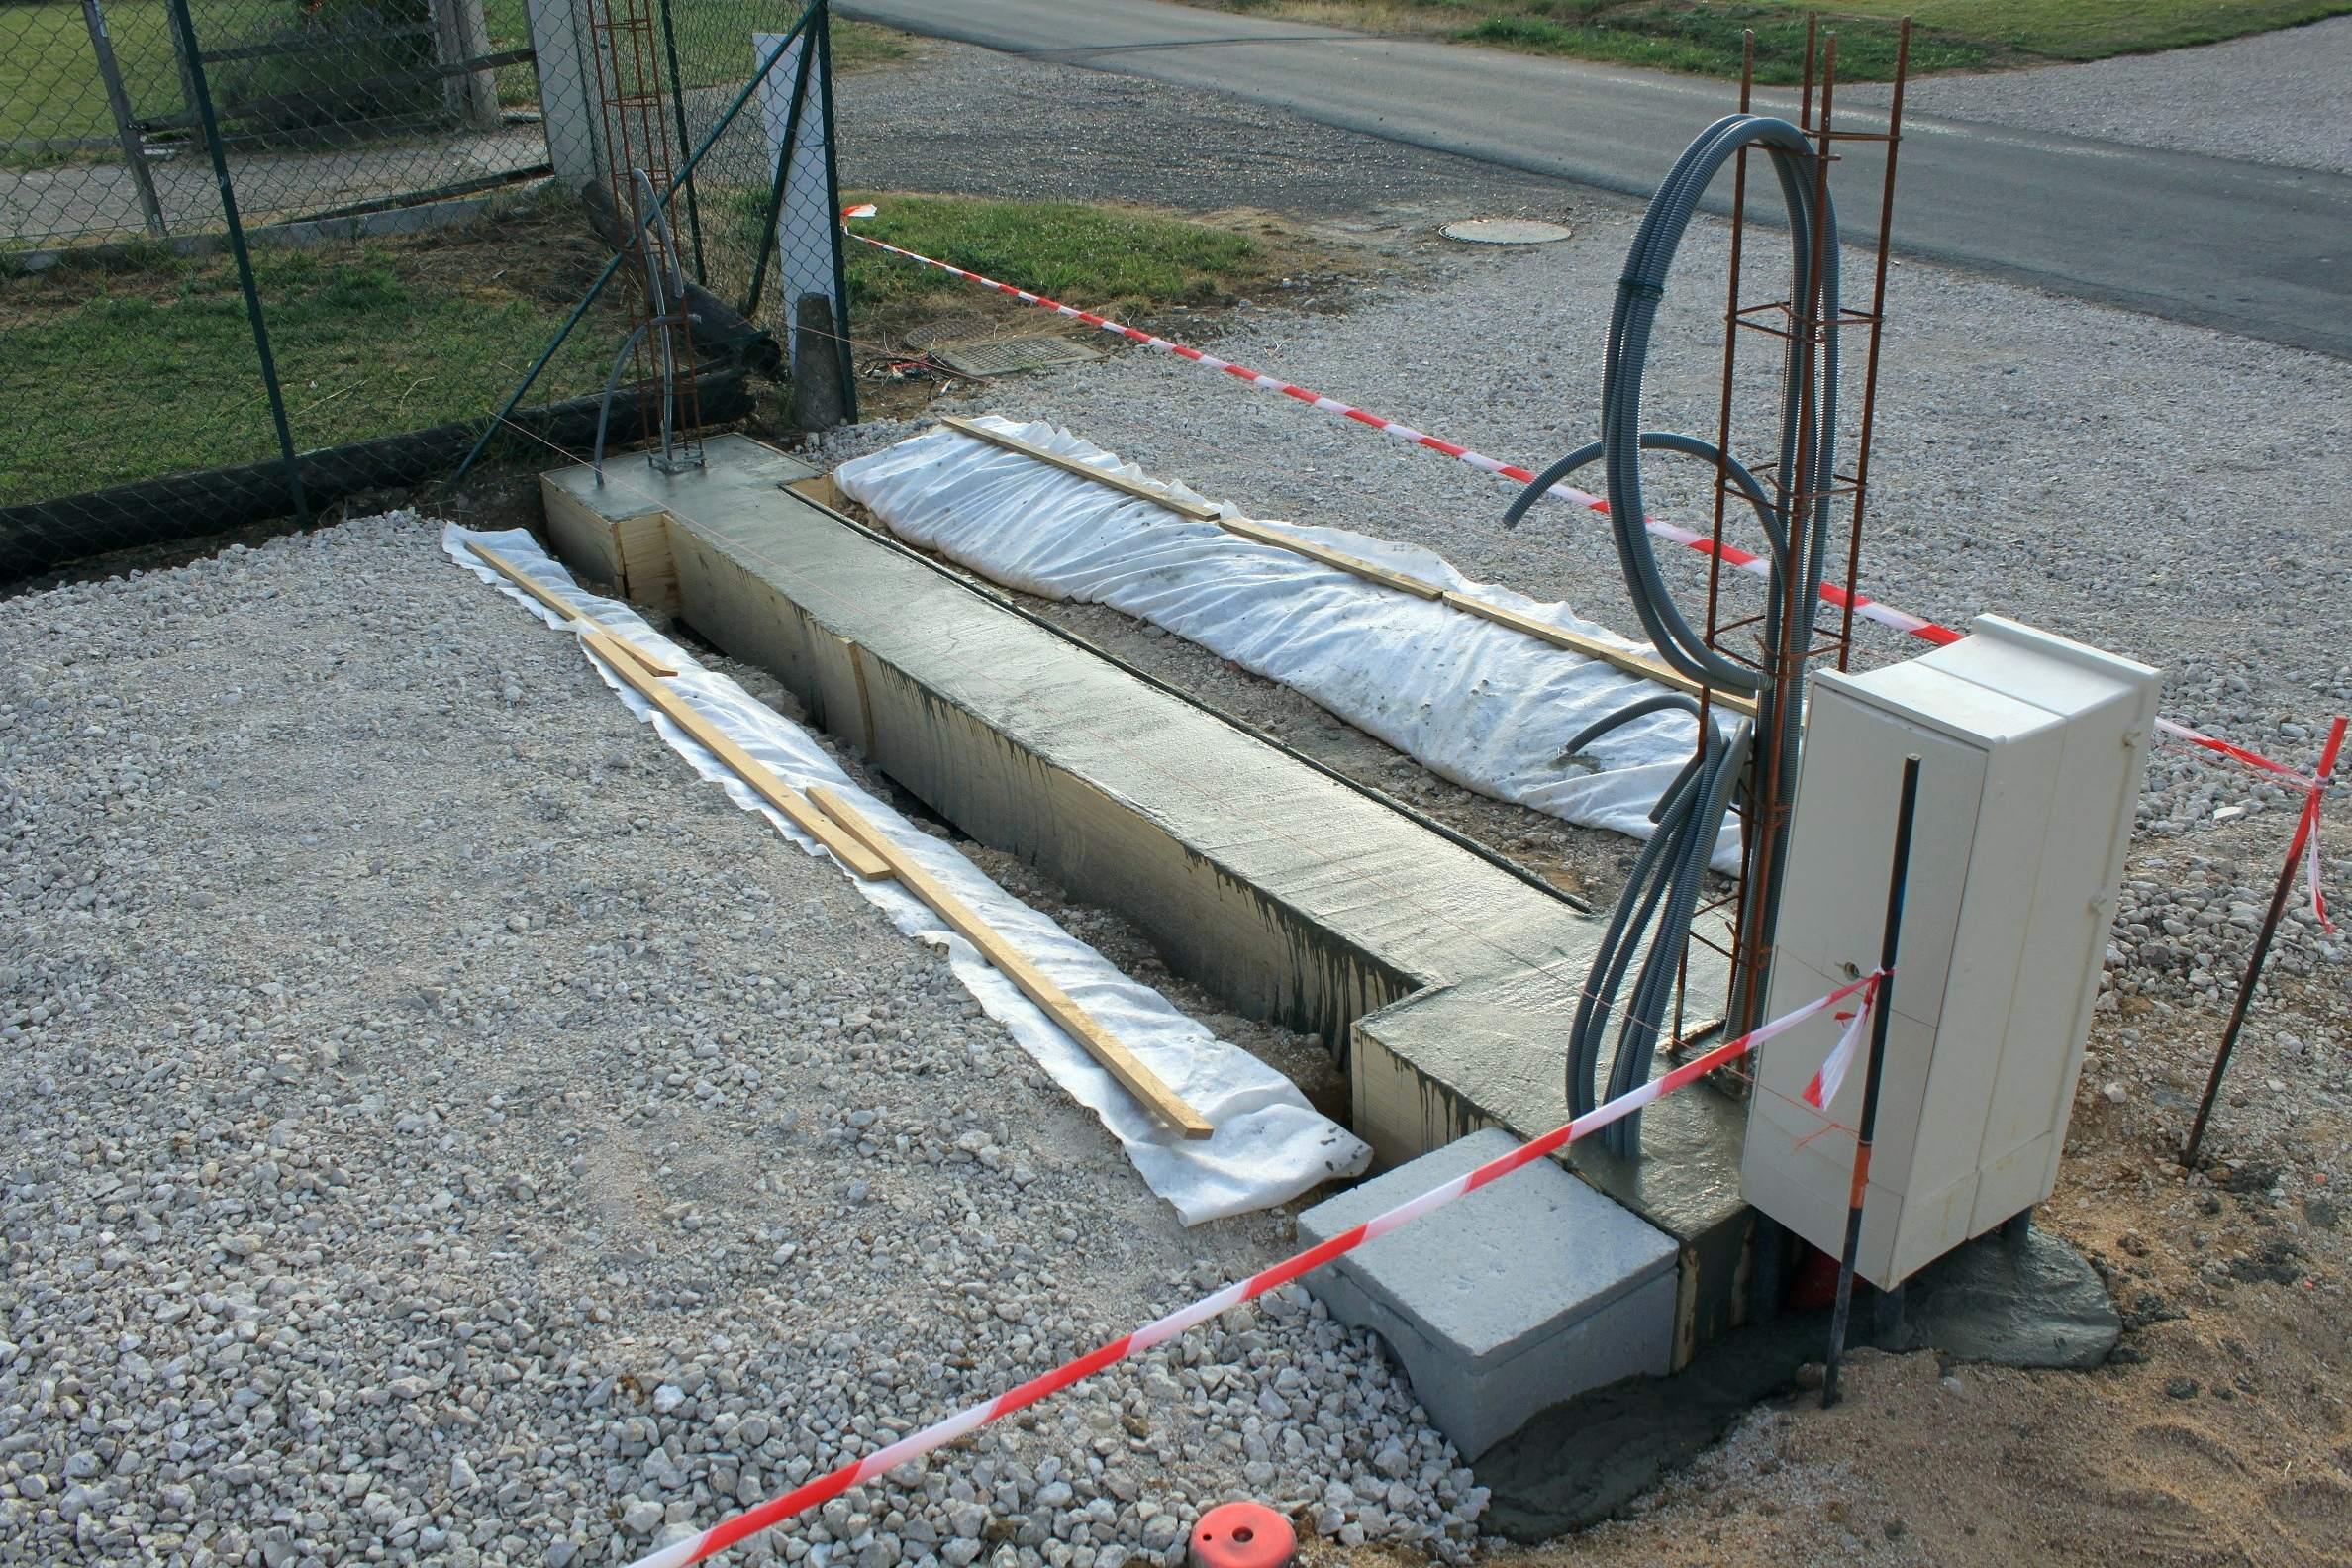 Abri De Jardin Metal Leclerc Élégant Photos Abri De Jardin Metal Leclerc Nouveau Abri Jardin En Dur Abri De